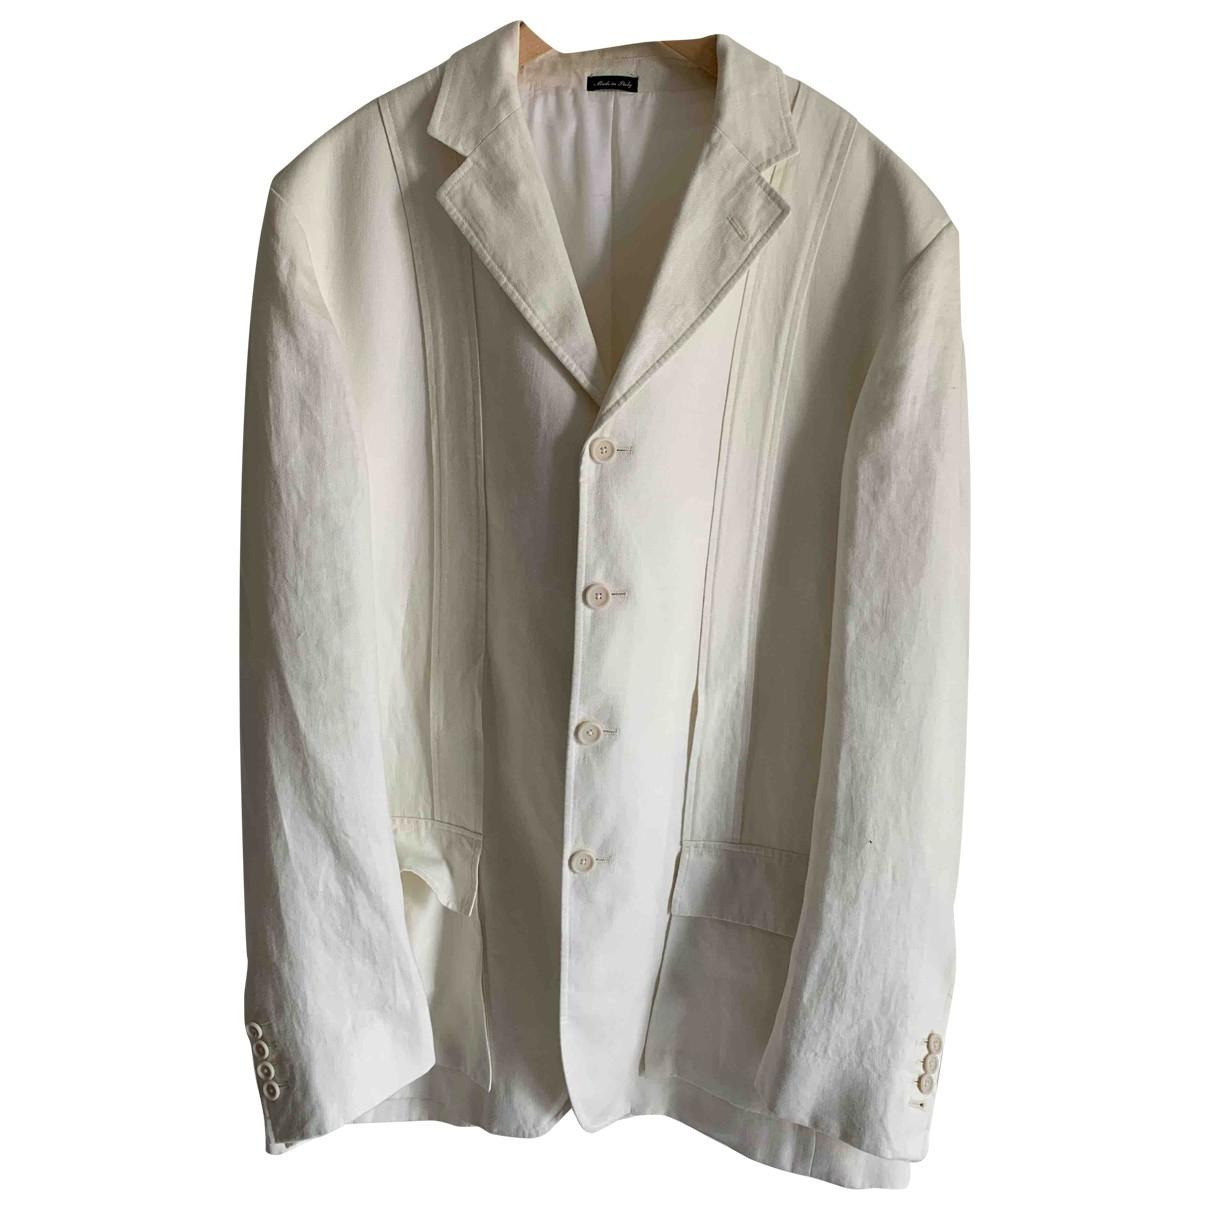 Polo Ralph Lauren \N White Linen jacket  for Men L International